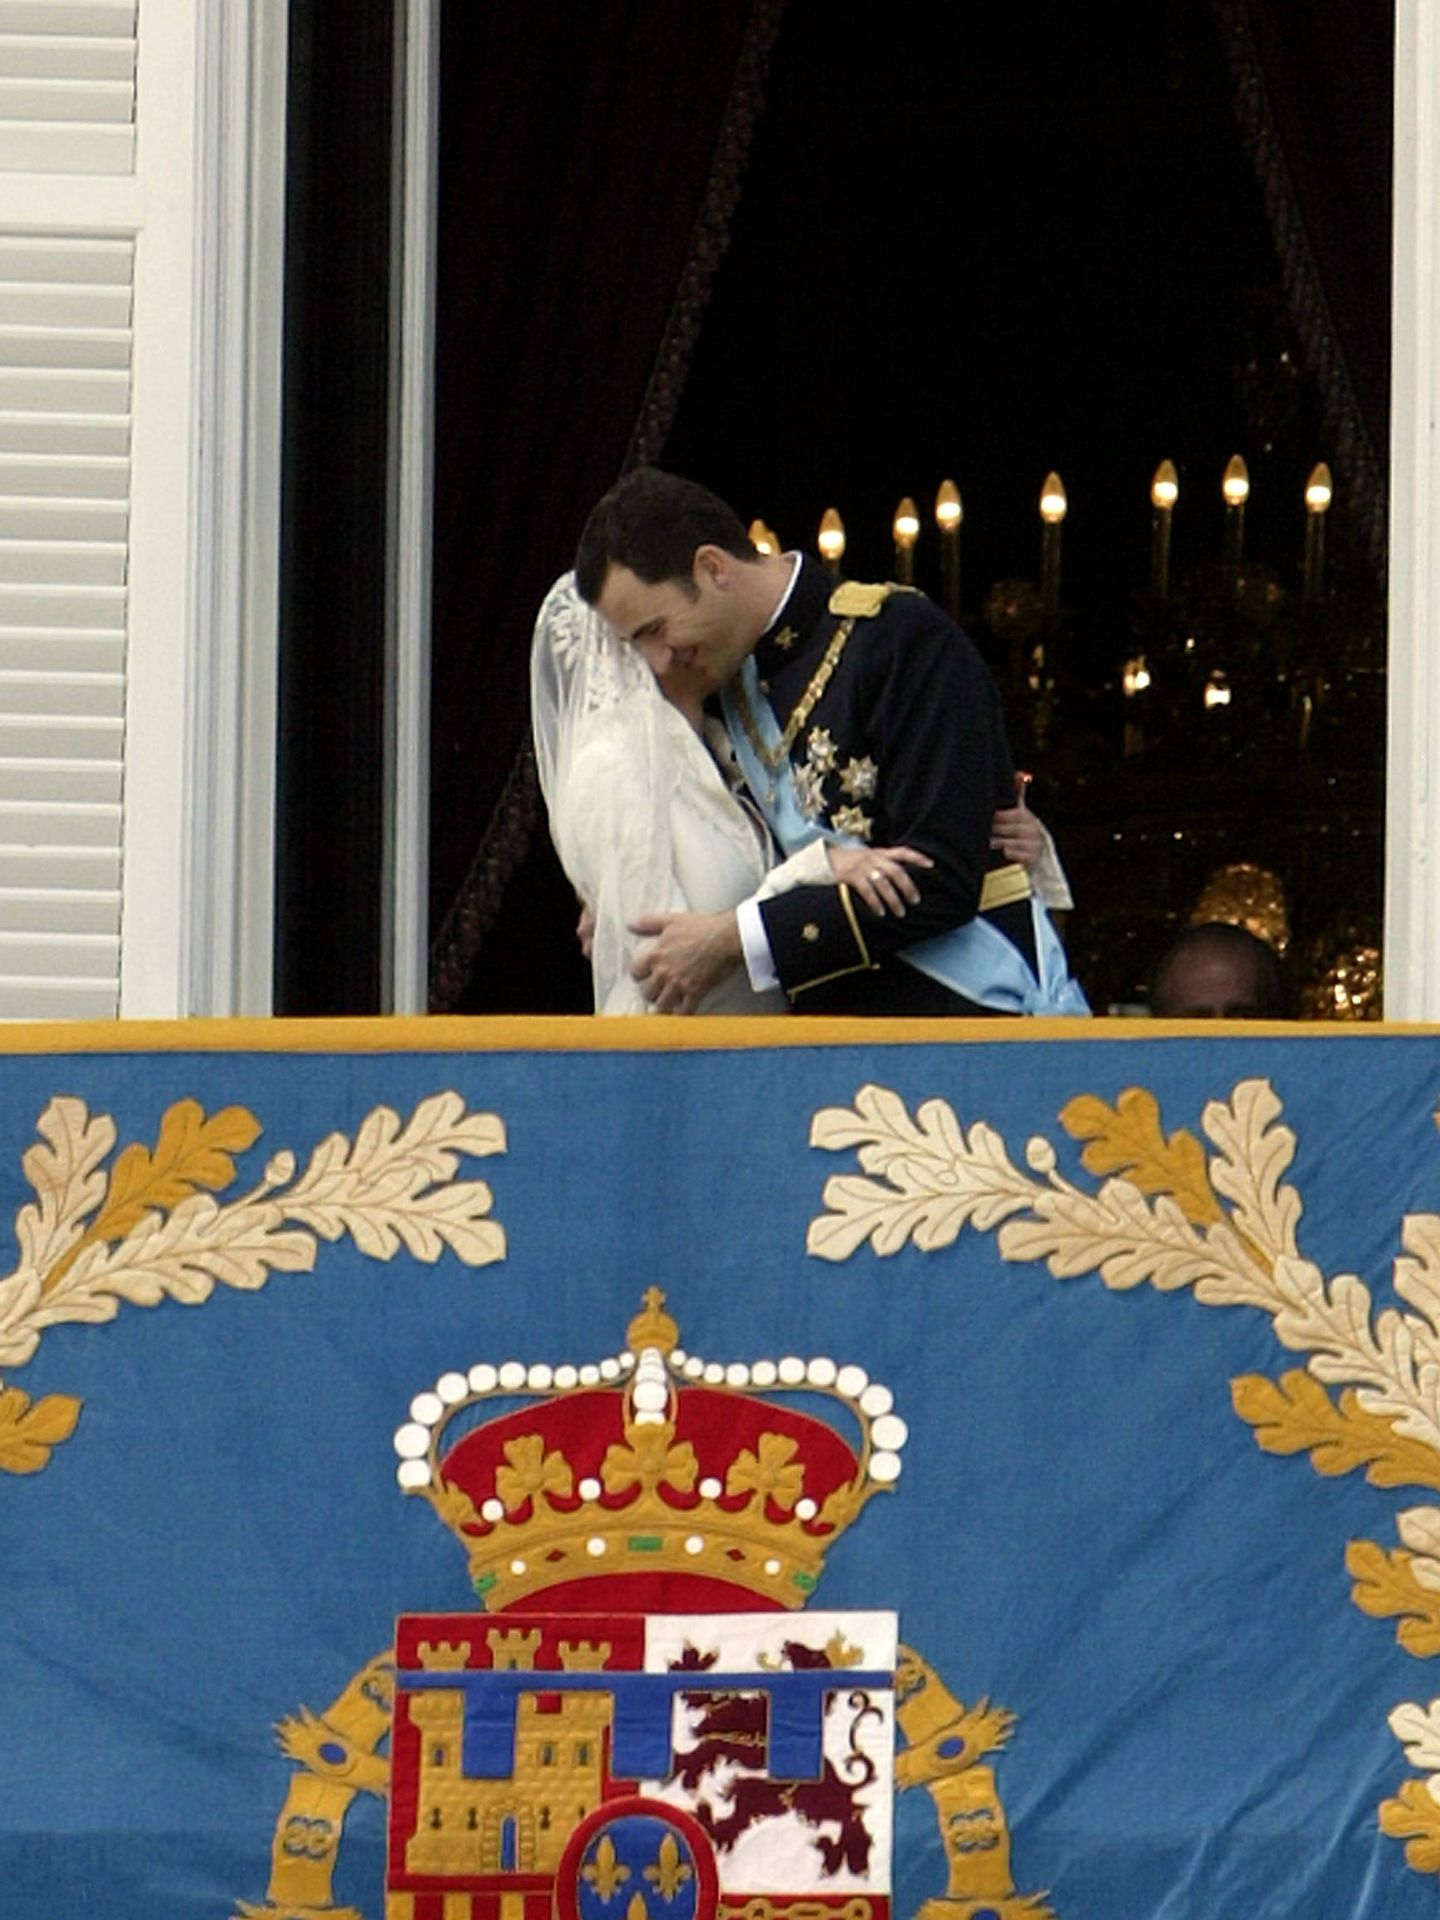 El casto beso con el que Letizia y Felipe celebraban su boda. (Getty)